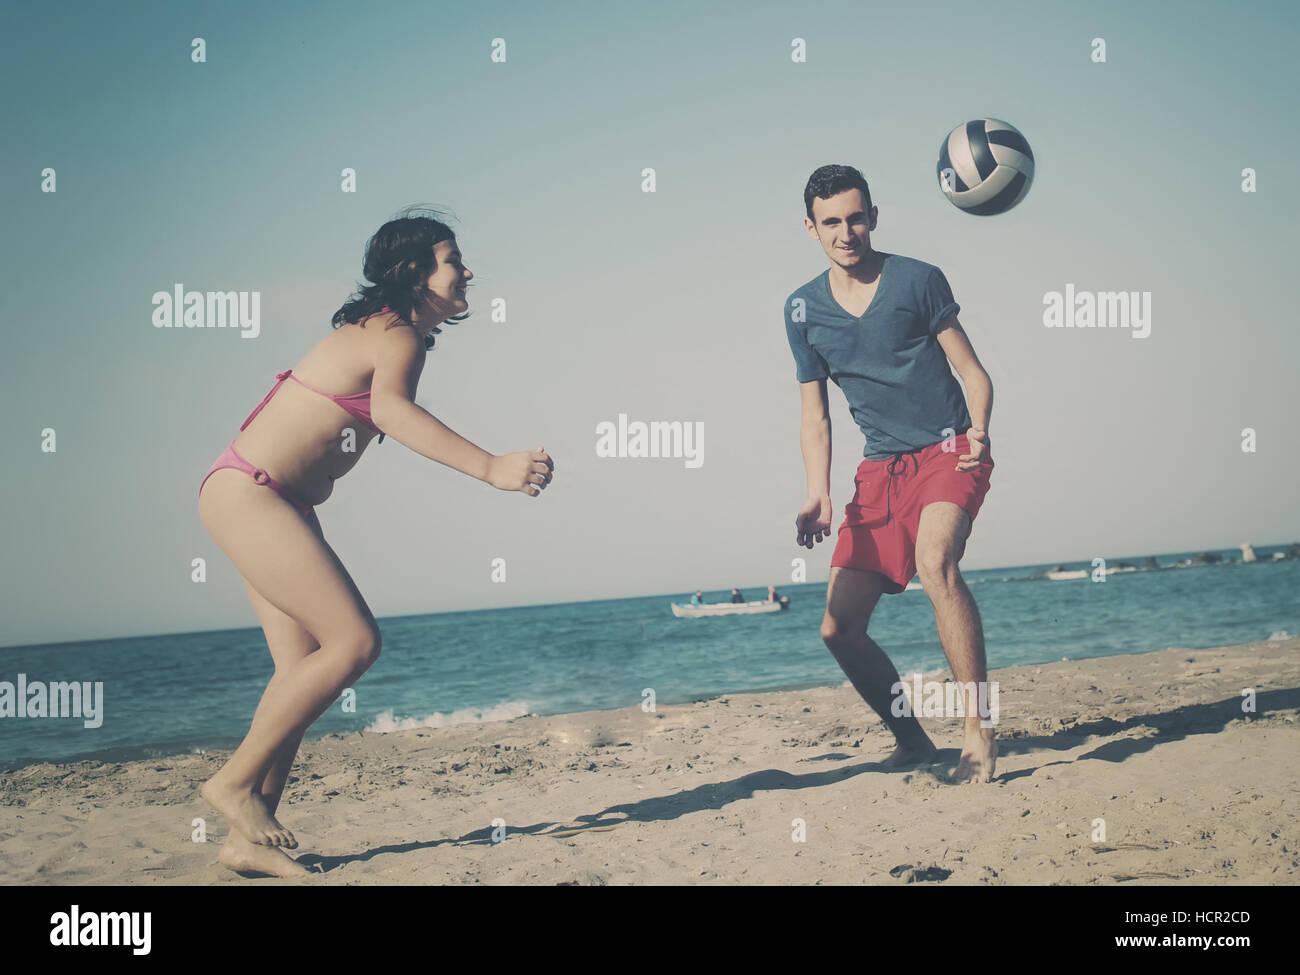 Paar am Strand Volleyball spielen Stockbild